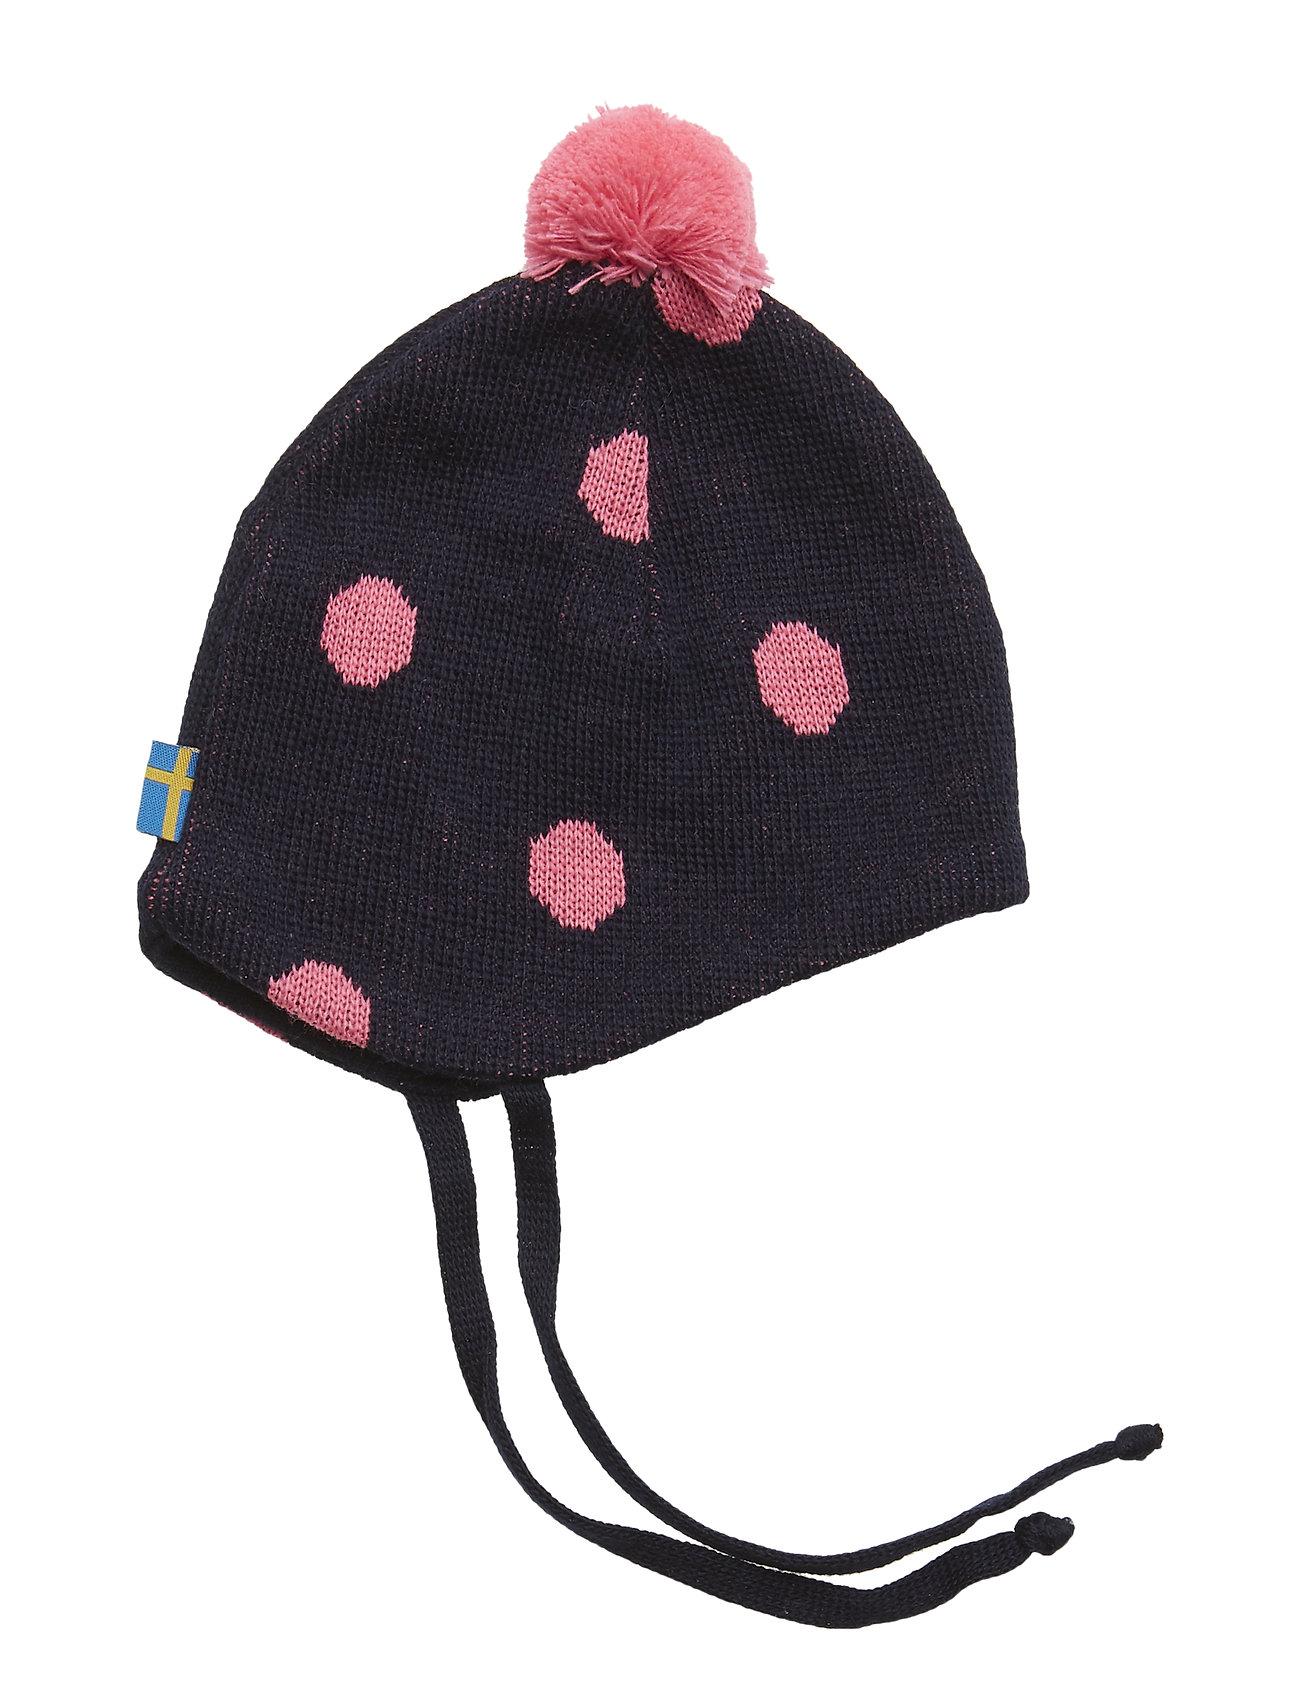 Knitted Helmet (Marine cerise) (£23.40) - Geggamoja -  03cde7acb99